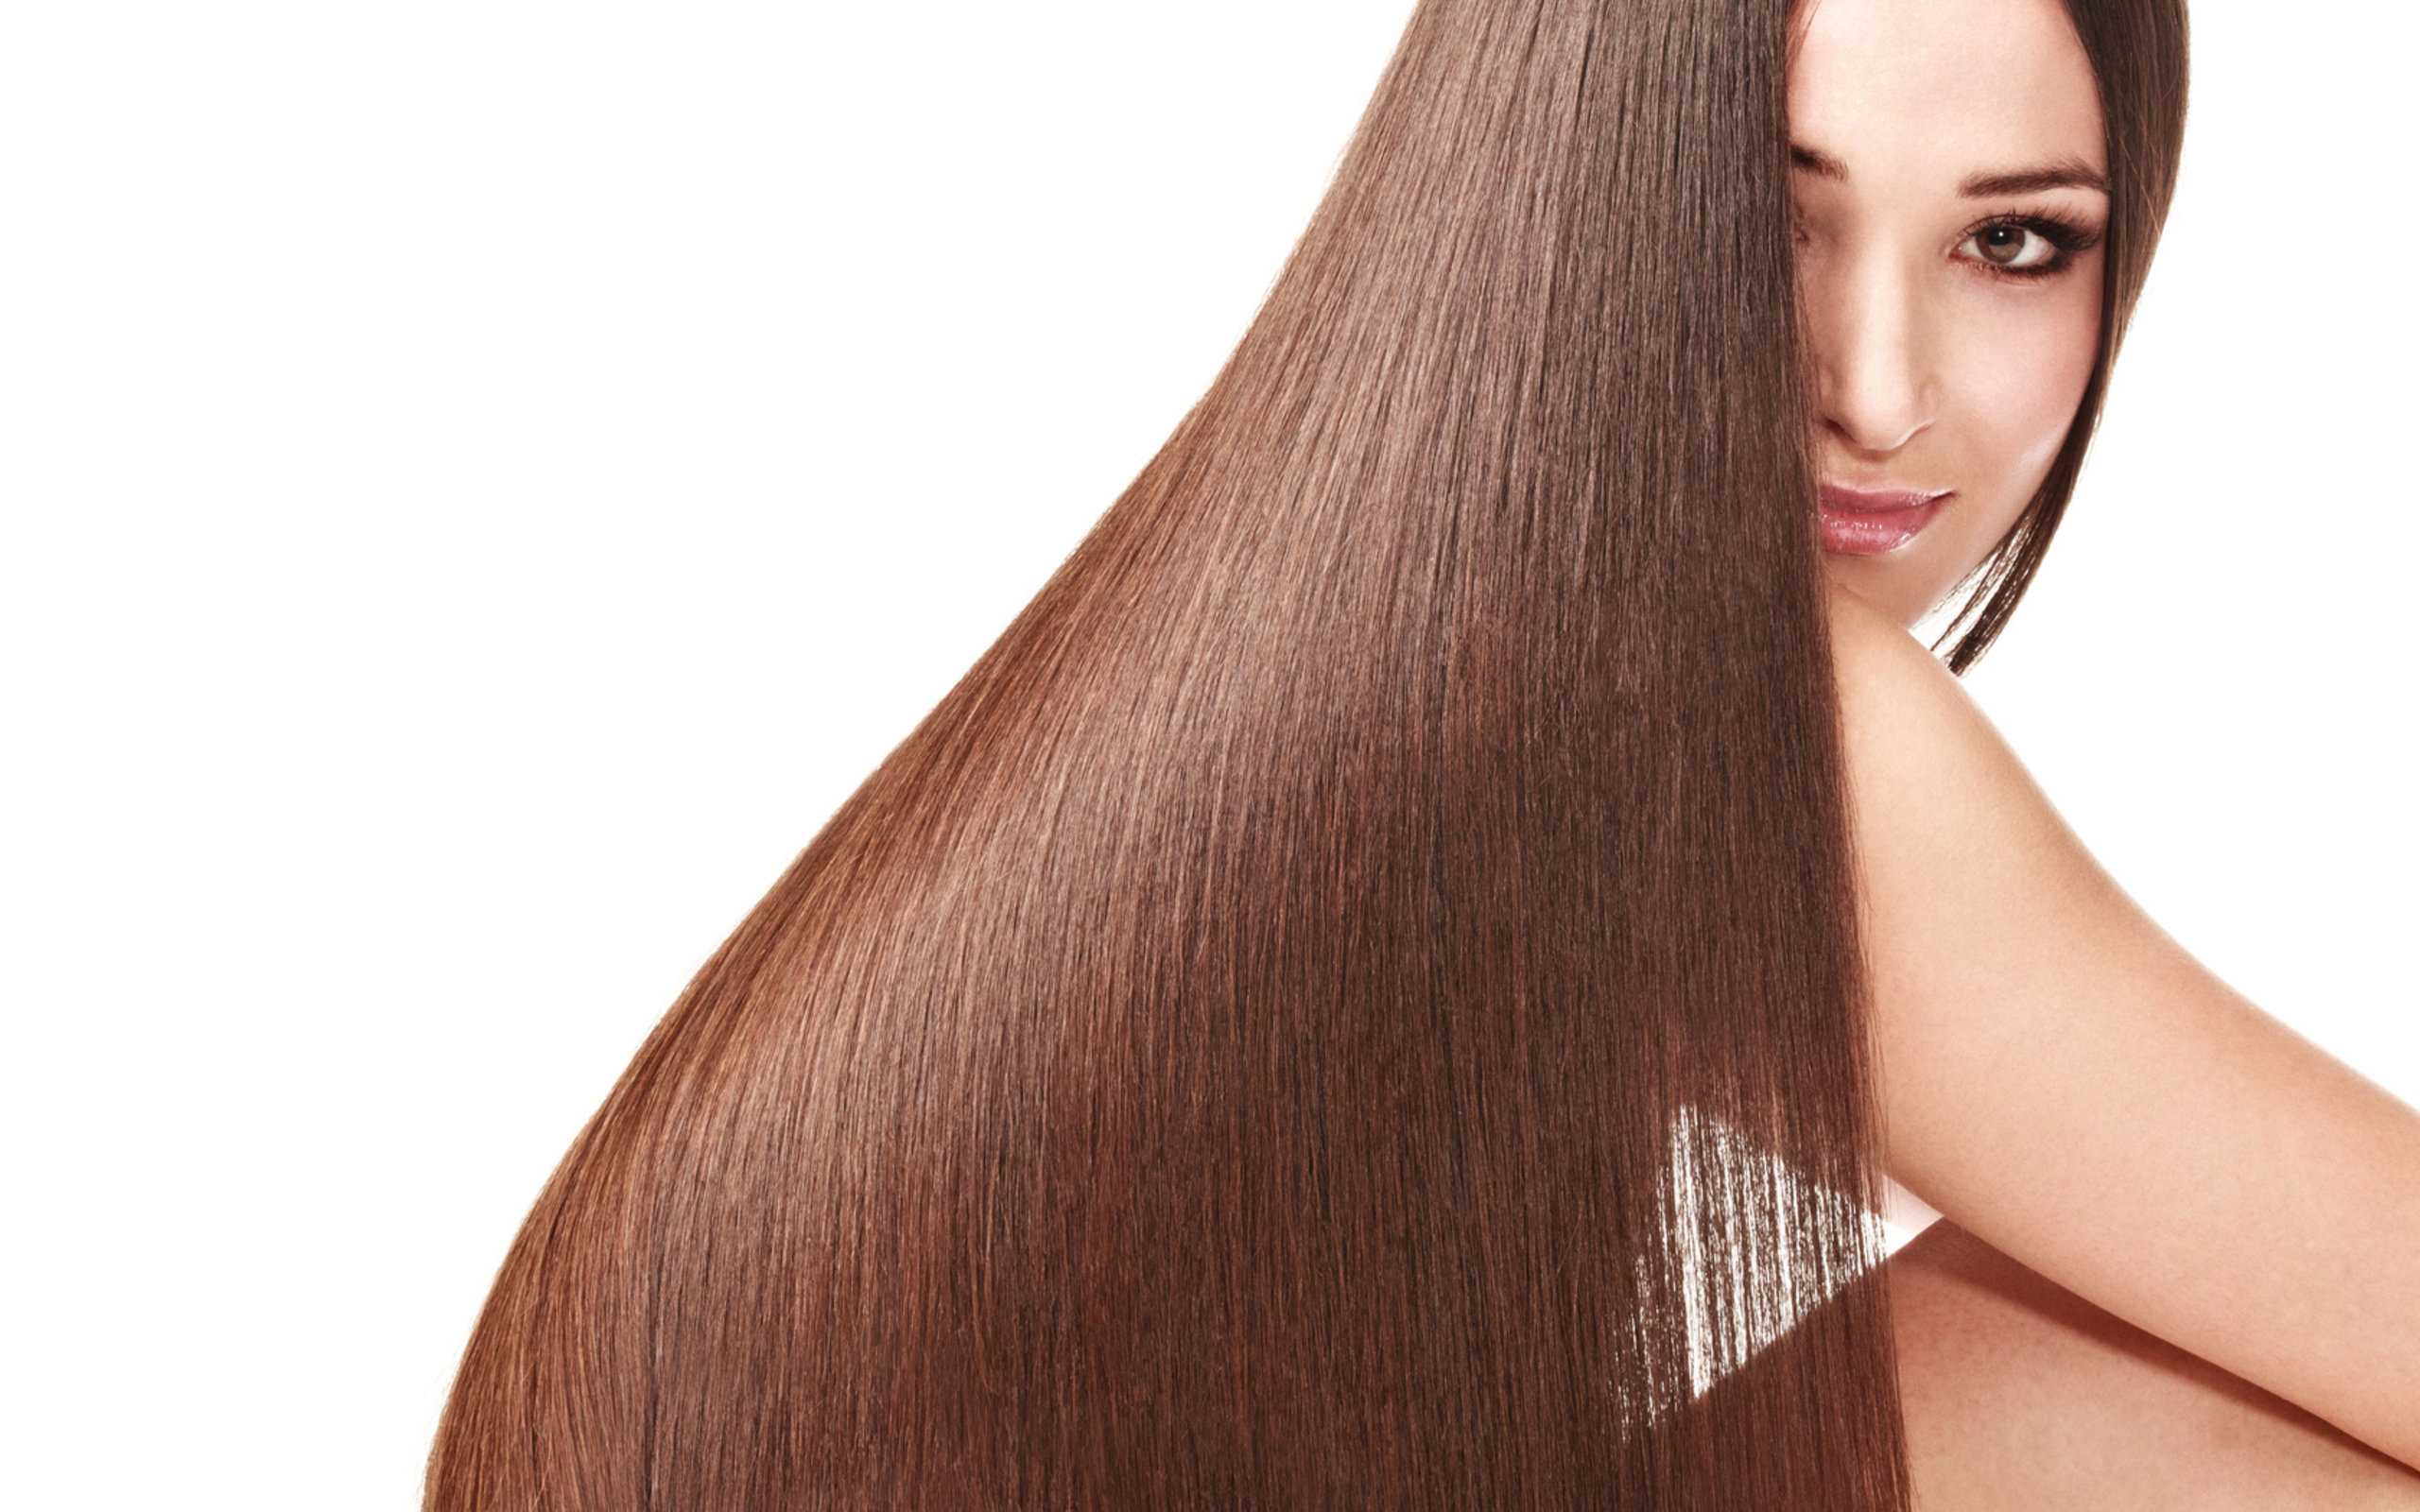 Кератиновое выпрямление волос самостоятельно